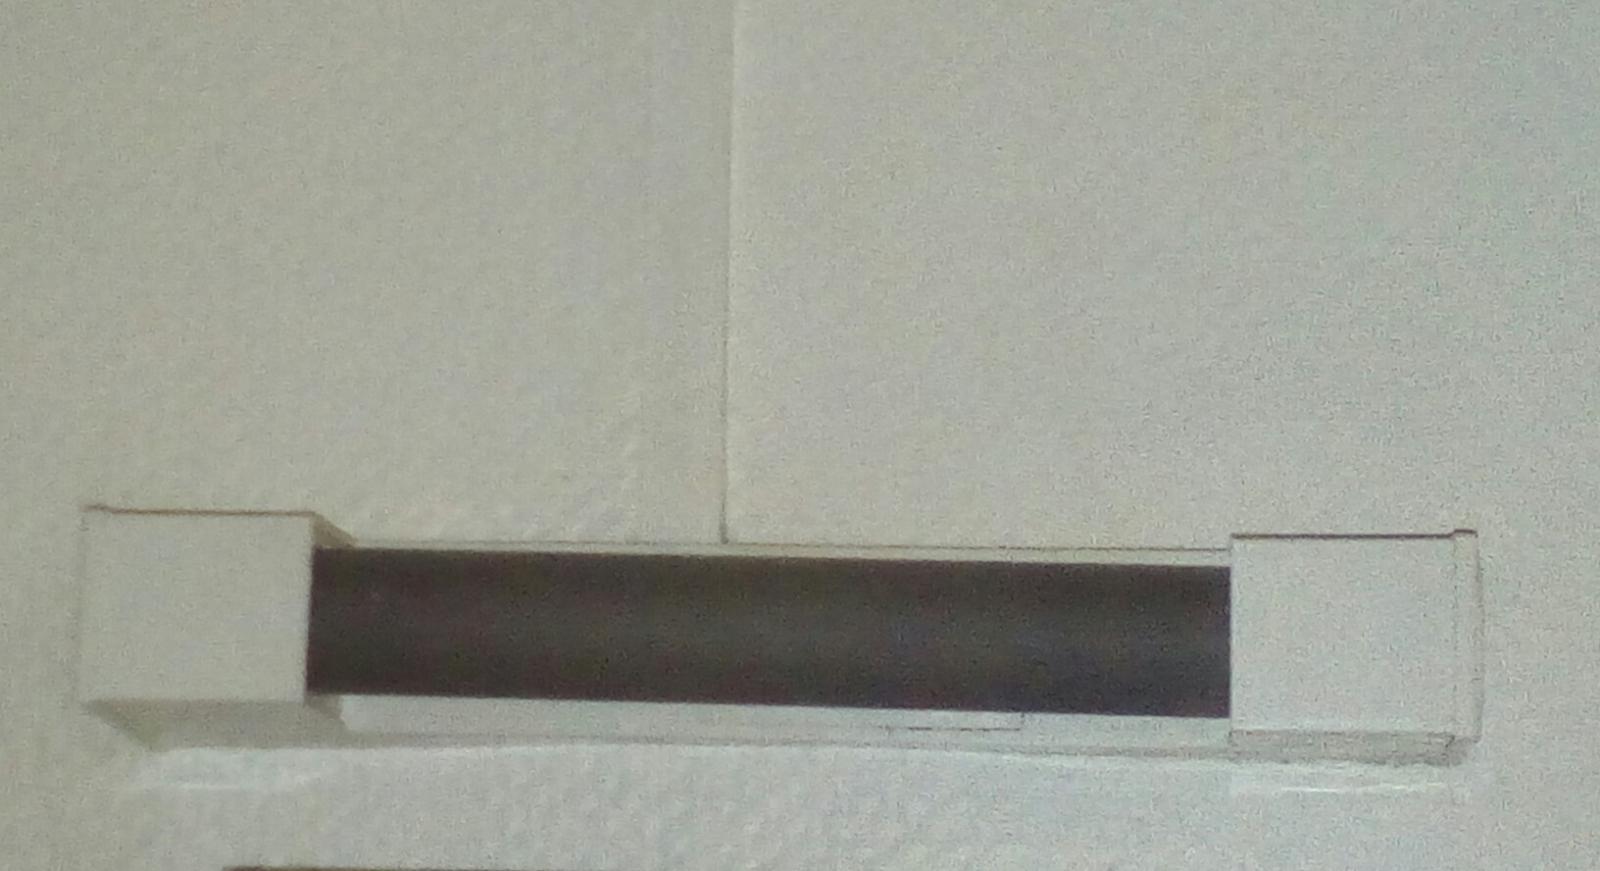 Changer une ampoule salle de bain en tube - Changer ampoule plafonnier salle de bain ...